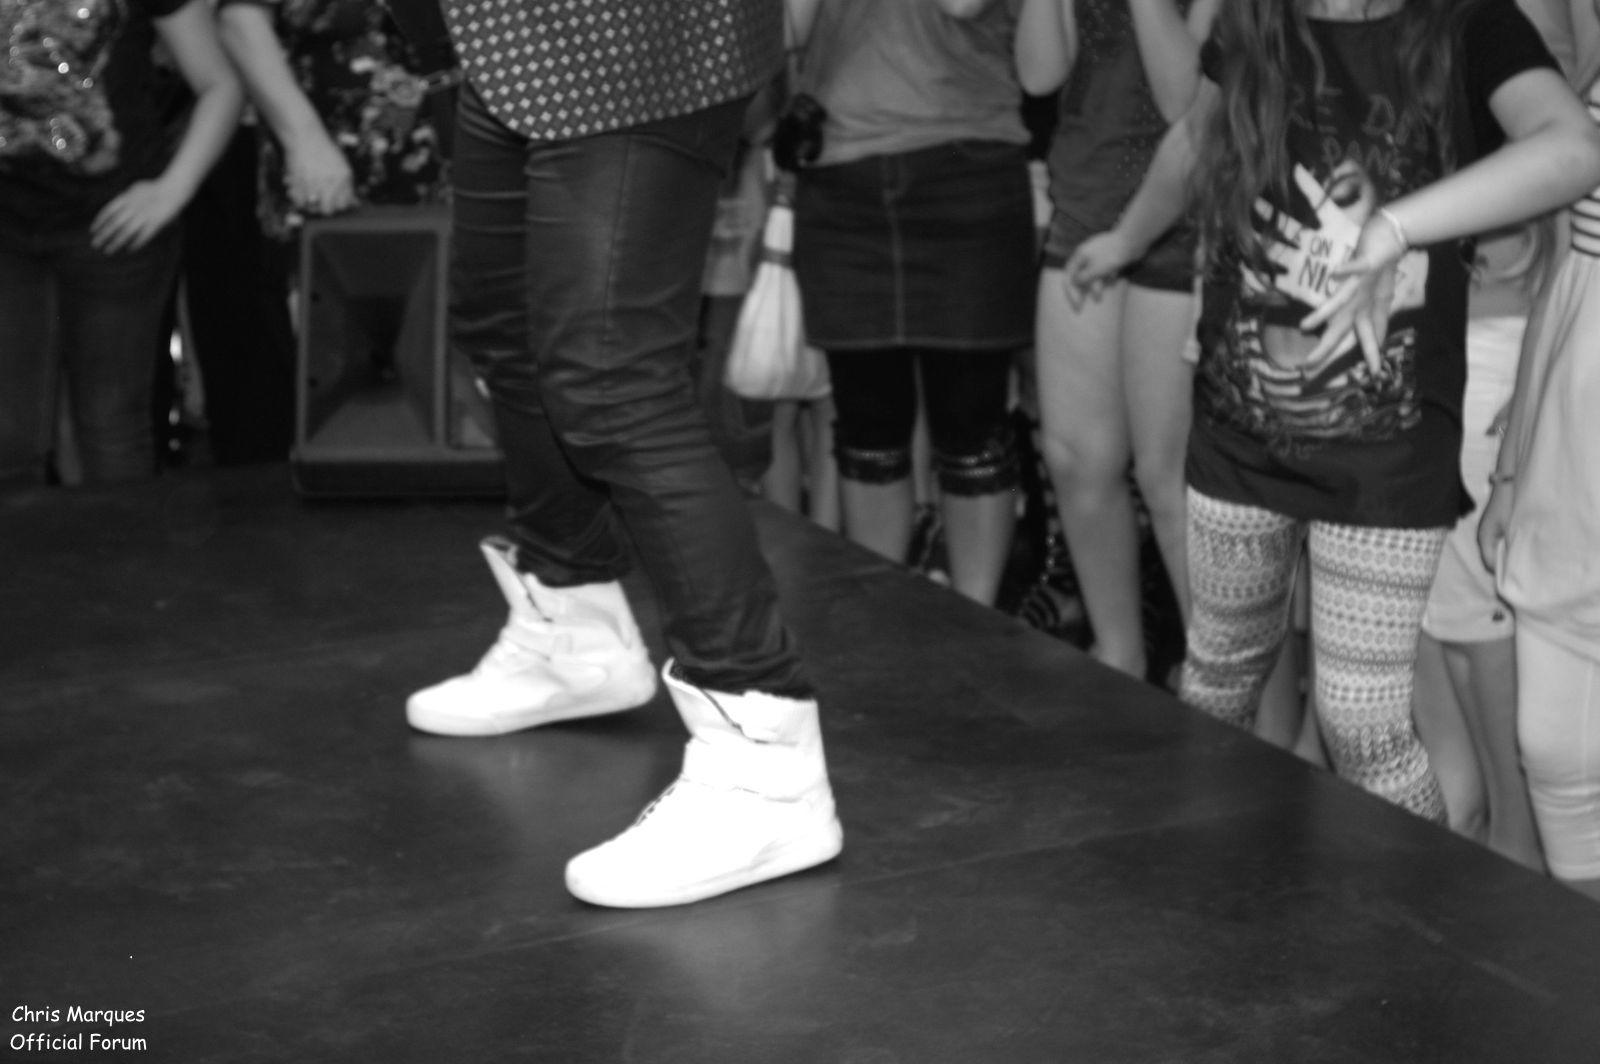 [14.06.2014] Evénement à #Colmar Chris Marques et Jaclyn Spencer pour un Flashmob/Cours de Danse/Dédicaces exceptionnels le tout organisé par la MJC de Colmar 7711